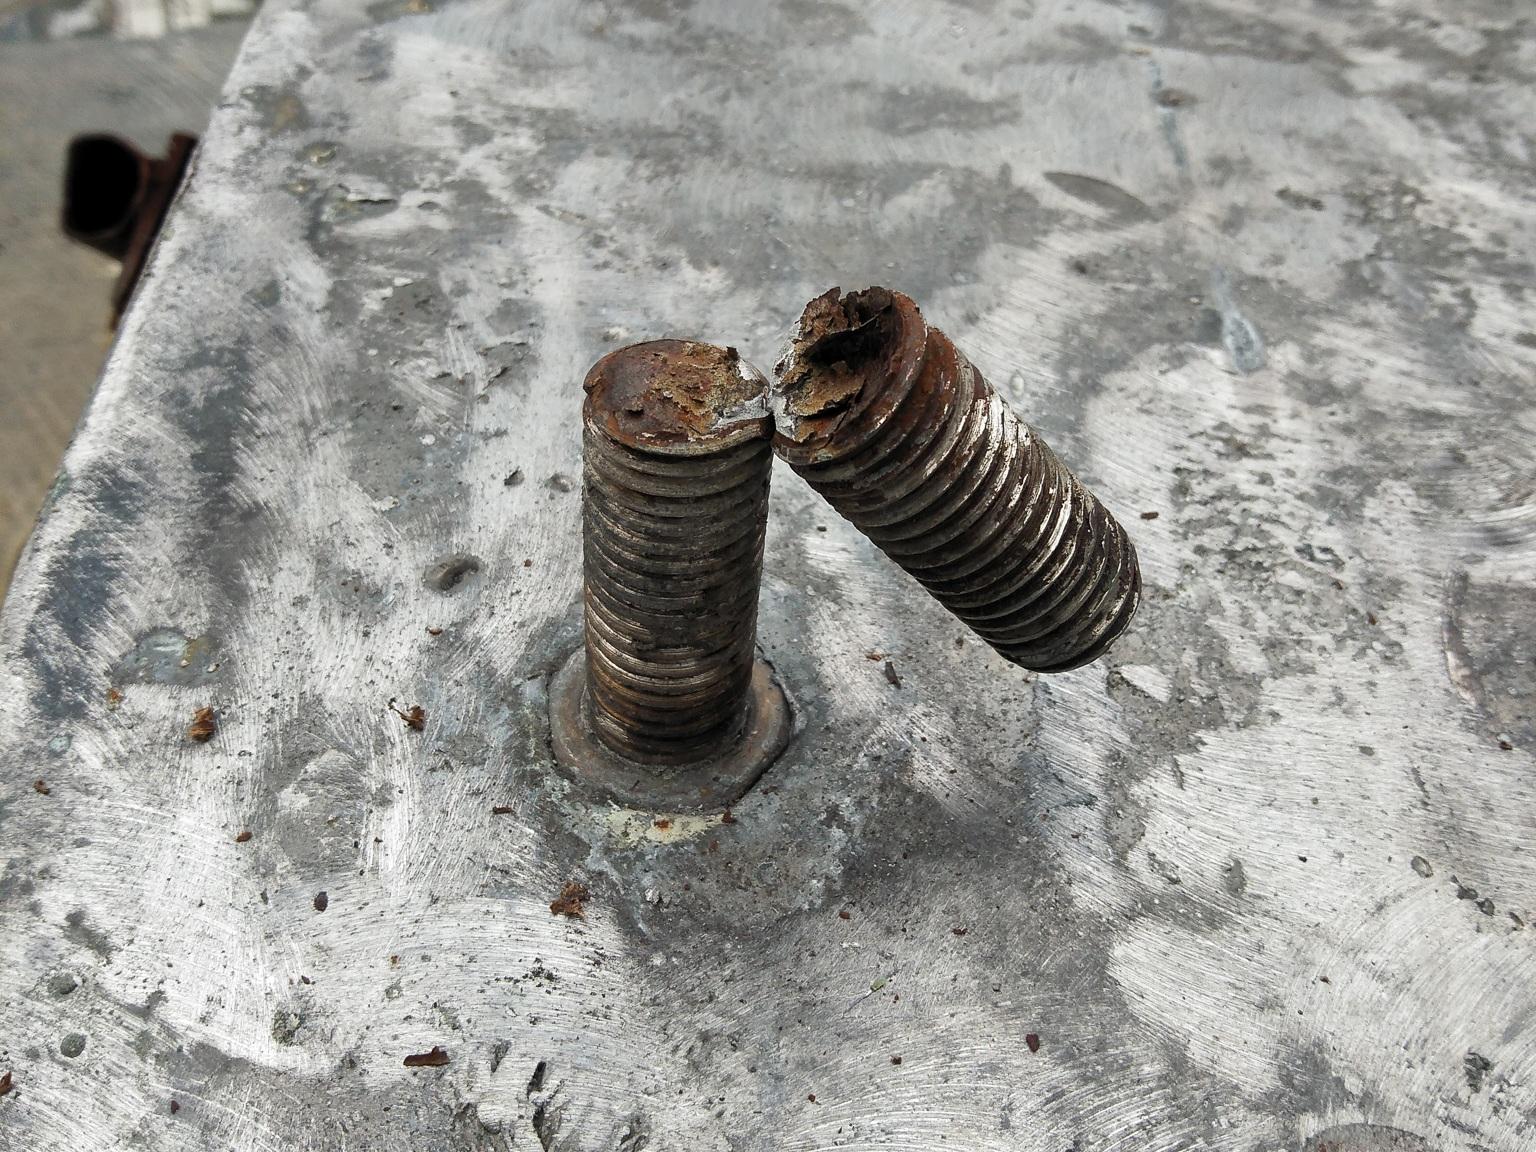 Broken bolt # 6 of 15.